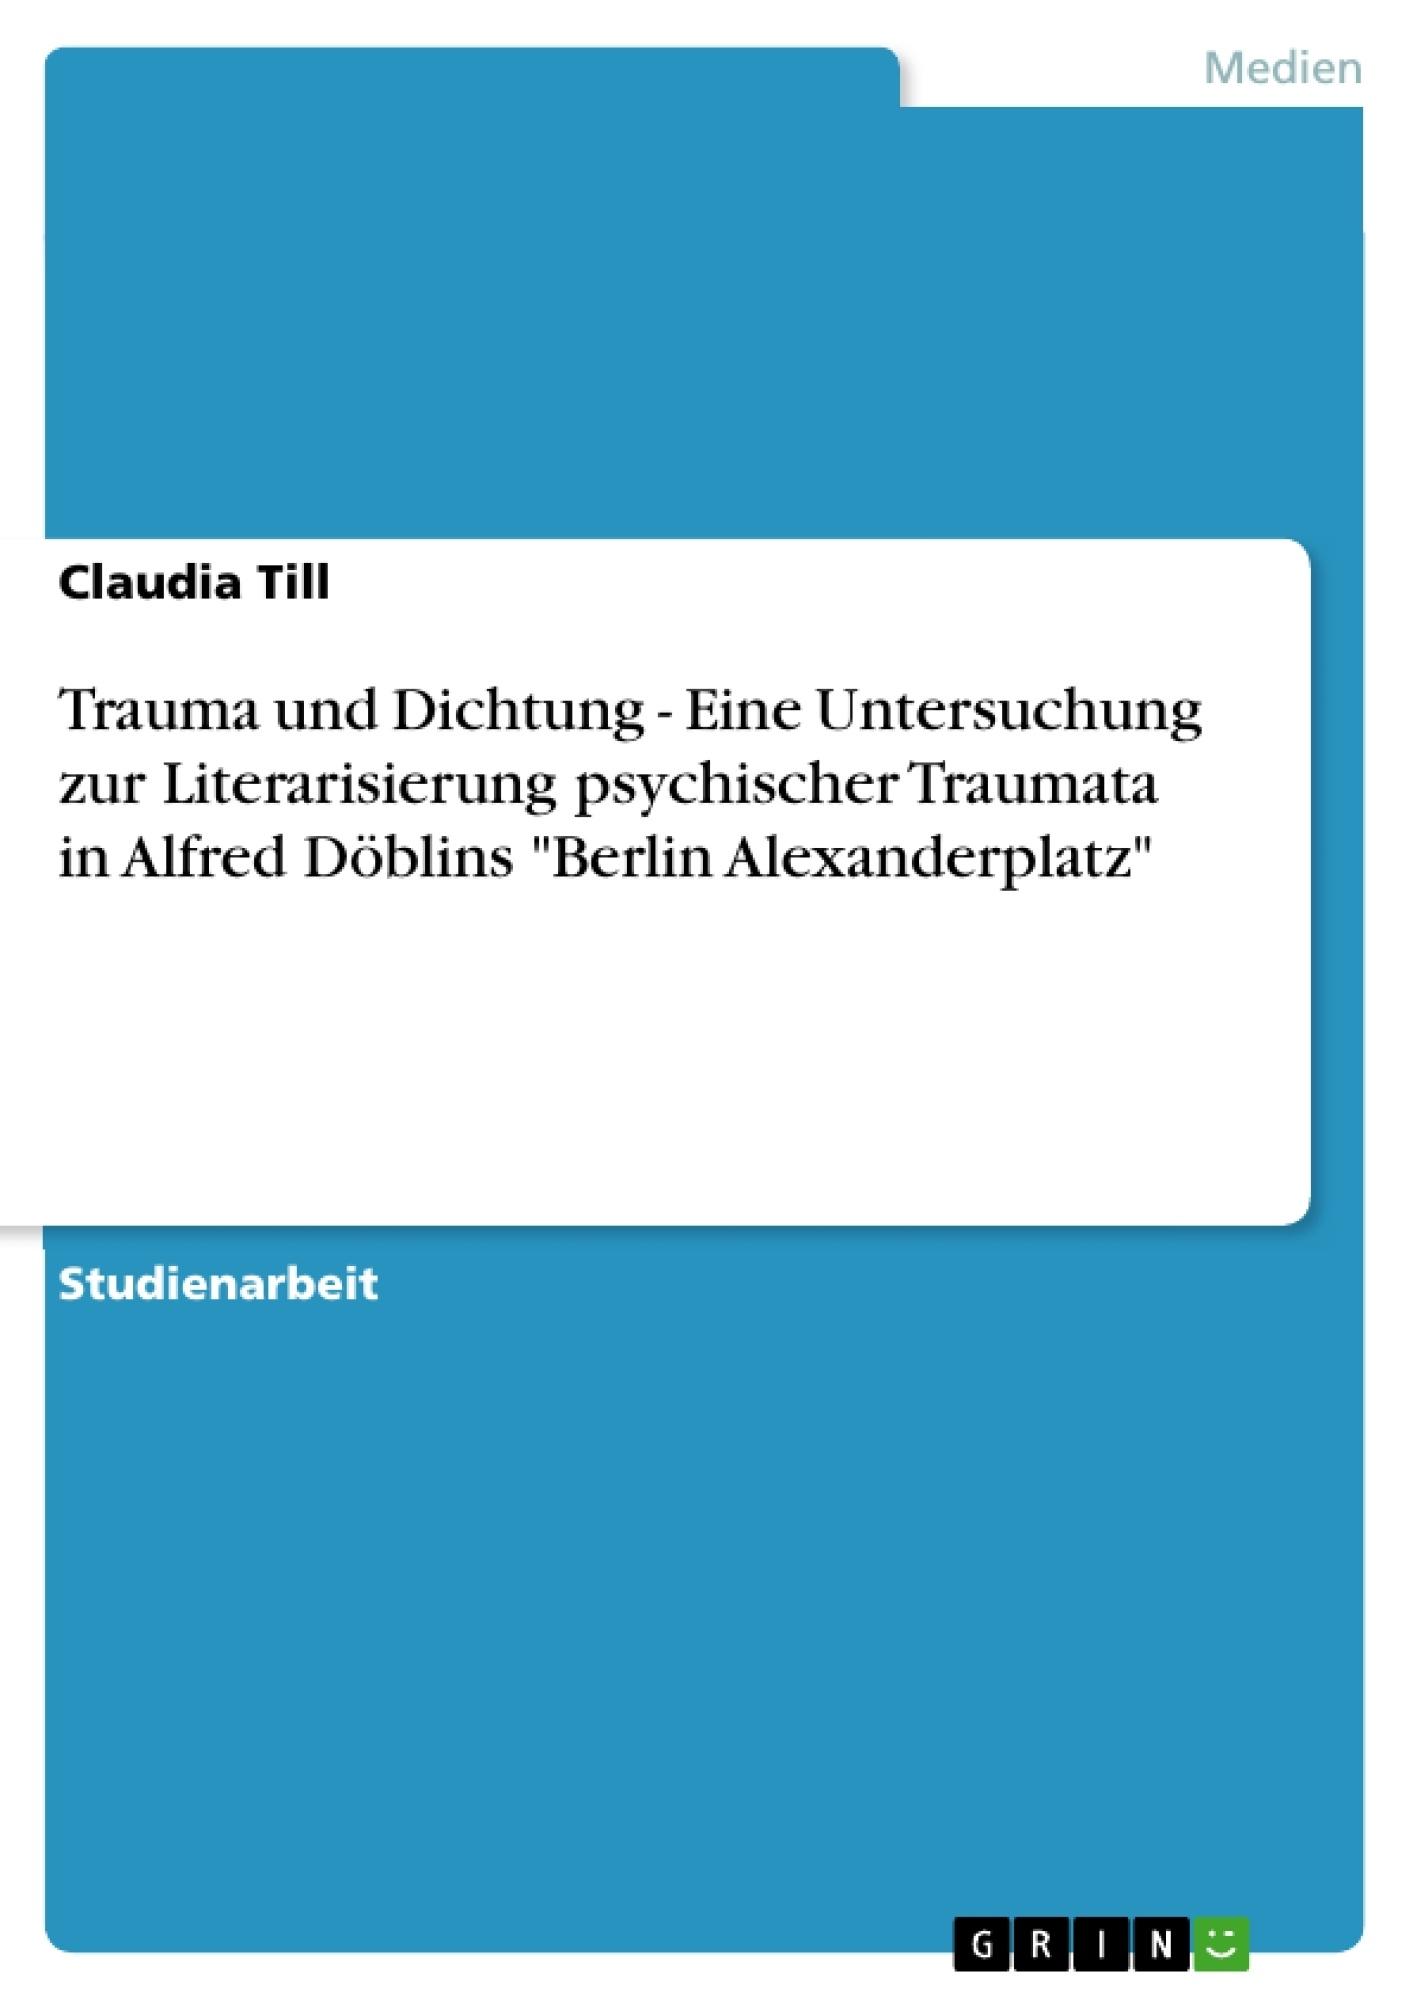 """Titel: Trauma und Dichtung - Eine Untersuchung zur Literarisierung psychischer Traumata in Alfred Döblins """"Berlin Alexanderplatz"""""""